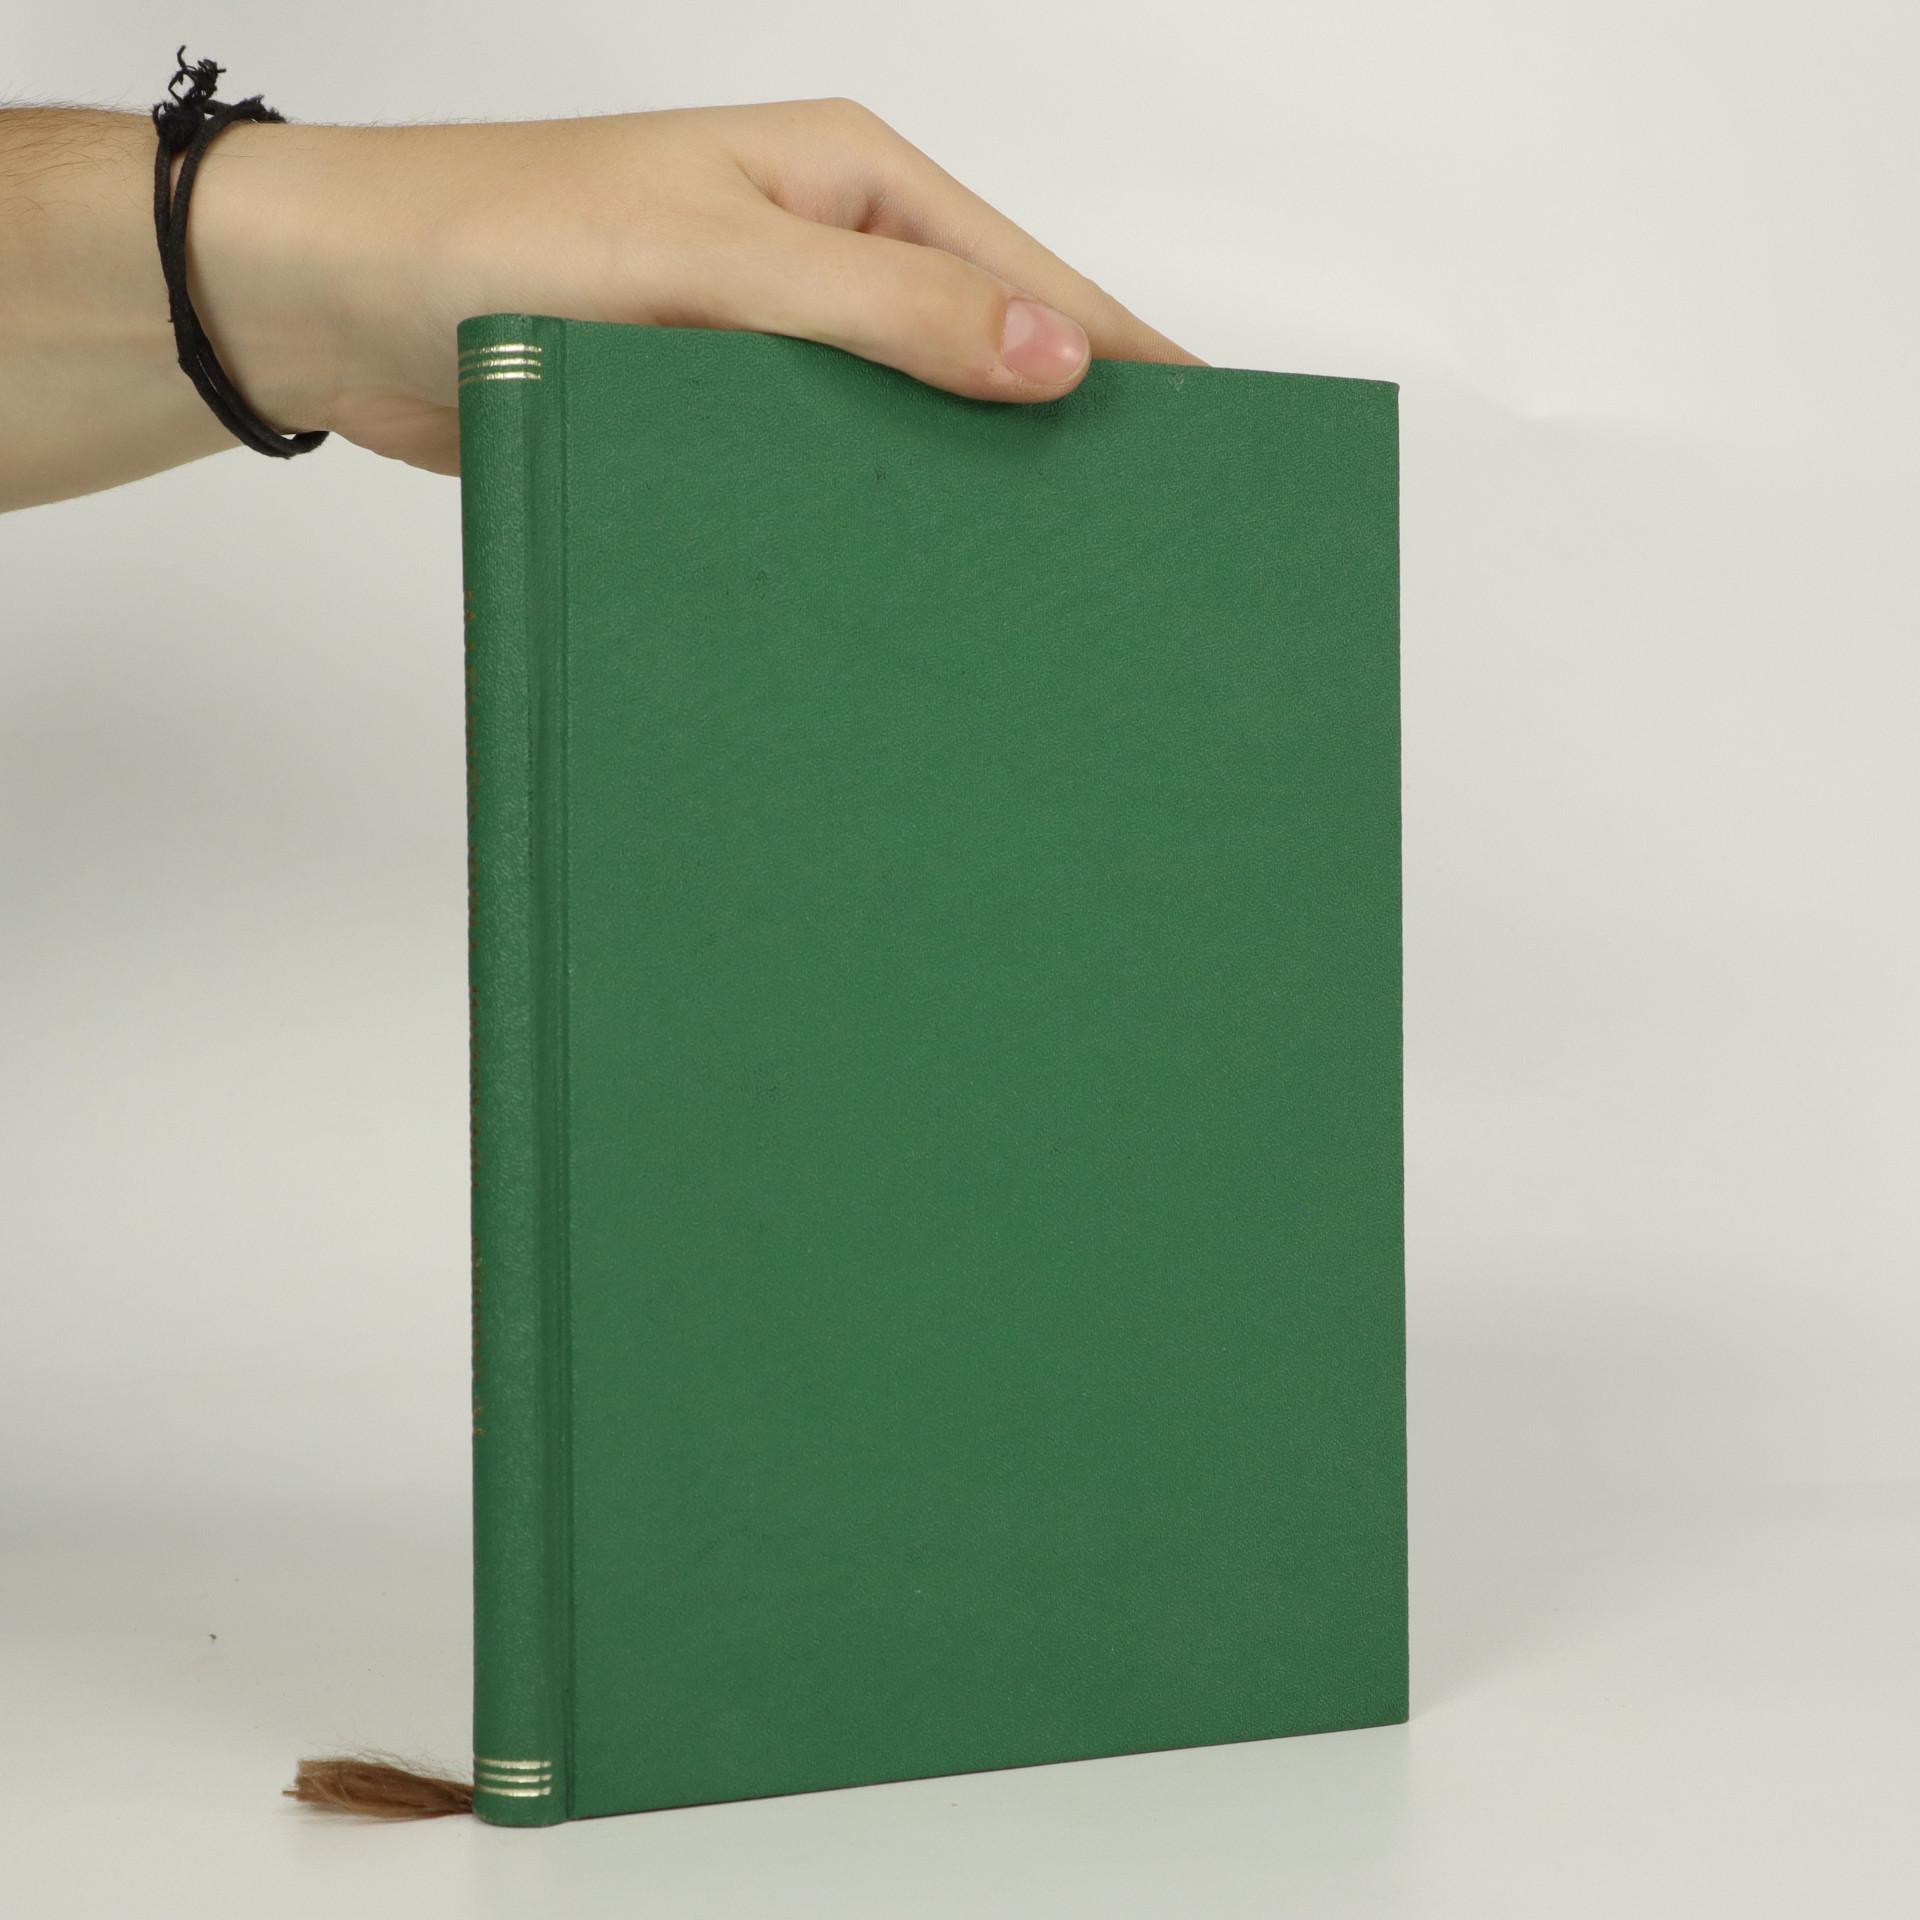 antikvární kniha Národní hospodářství pro obchodní akademie a ústavy příbuzné, 1947